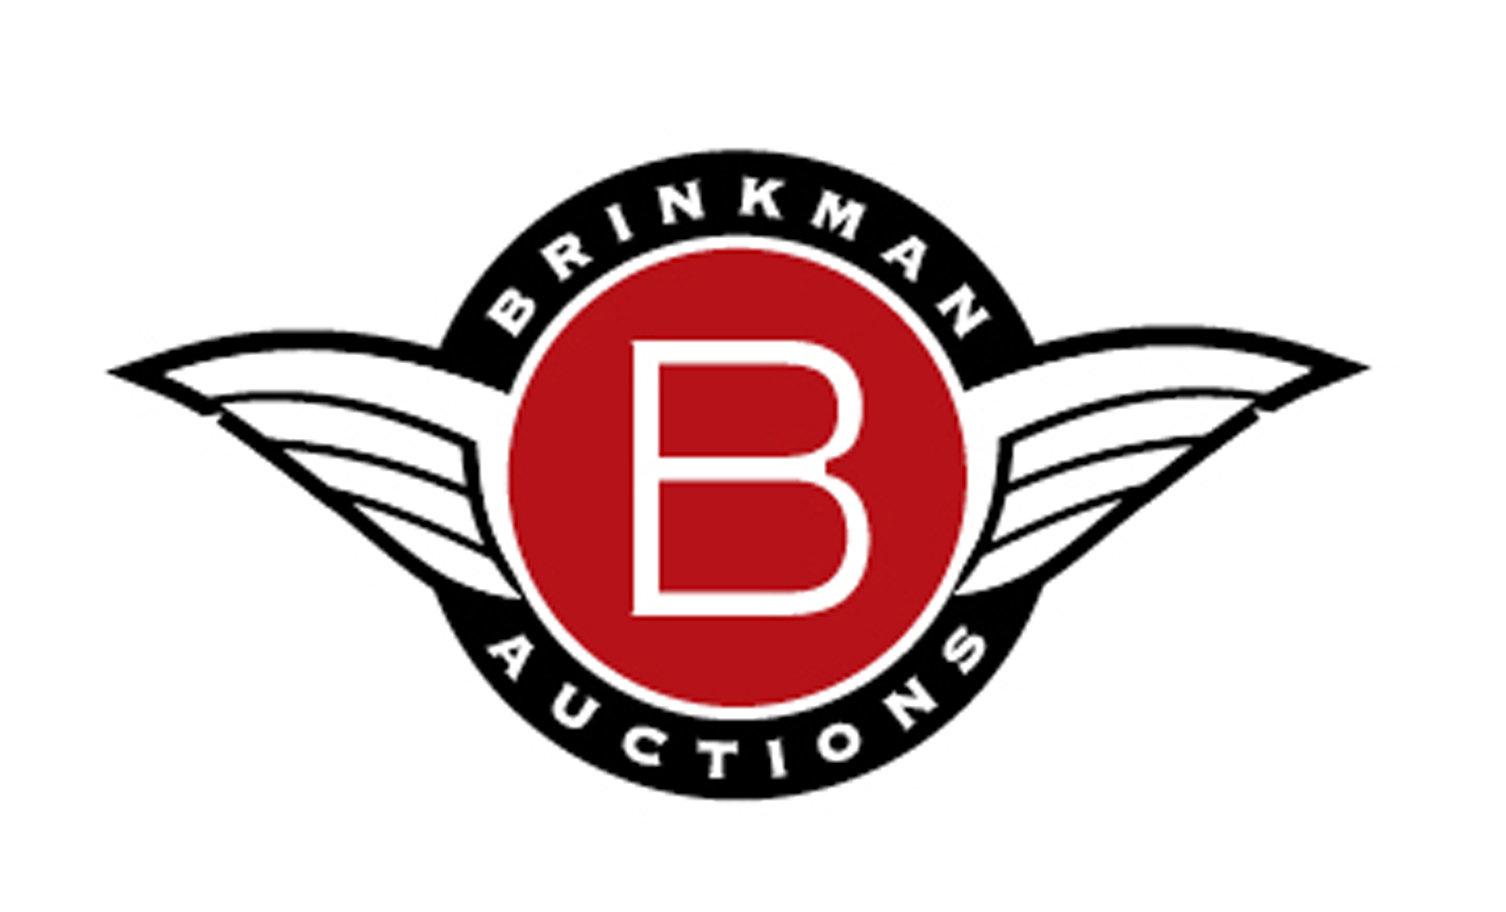 Brinkman Auctions